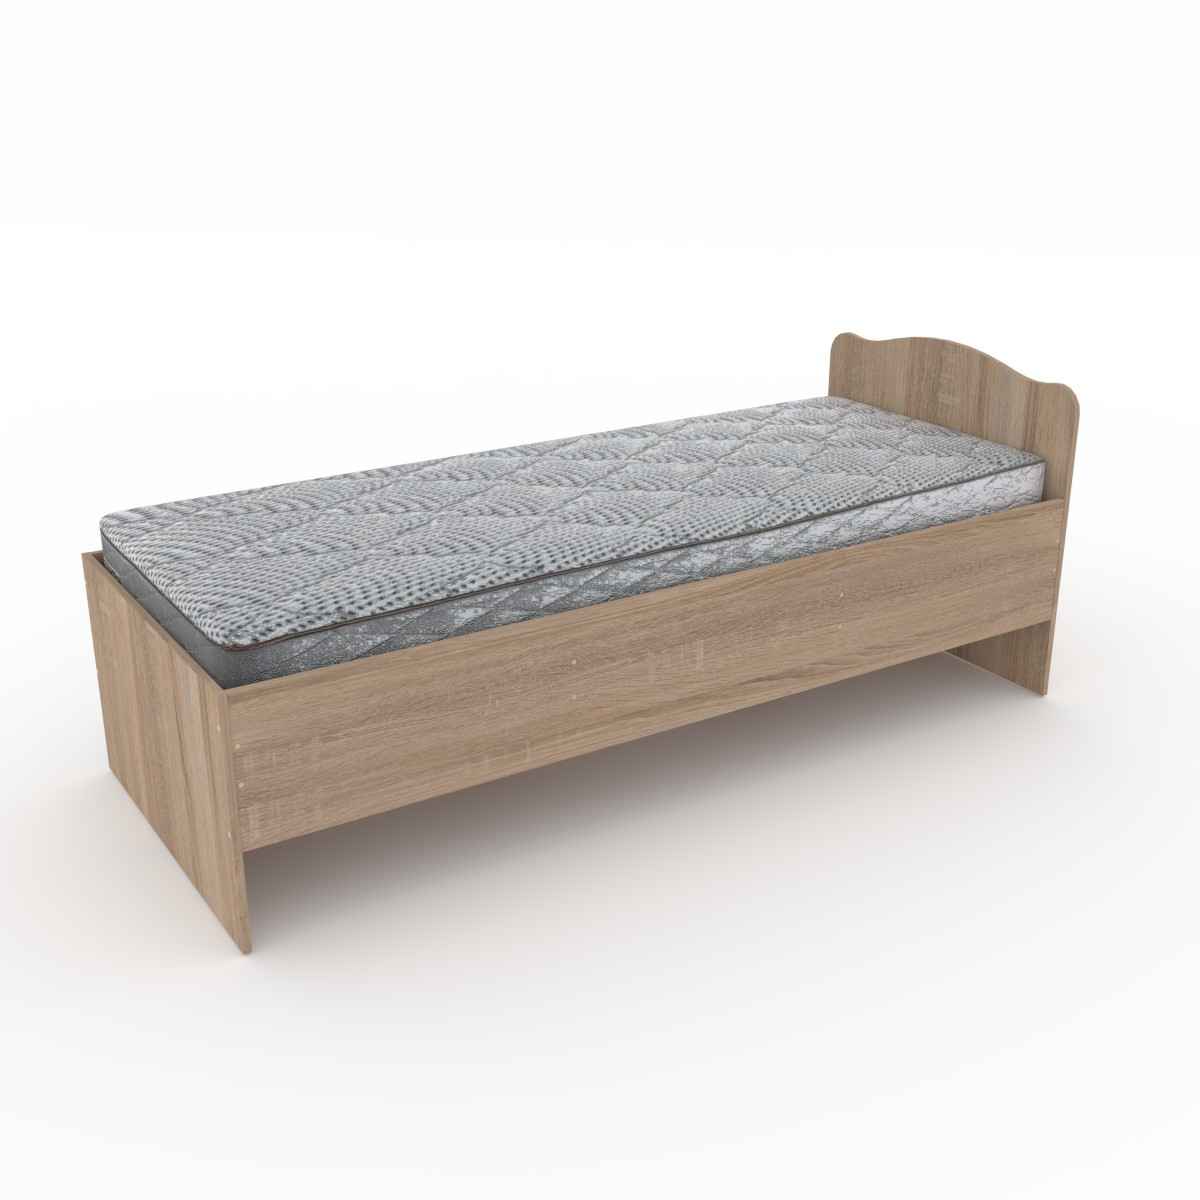 Кровать 80 дуб сонома Компанит (85х204х80 см)